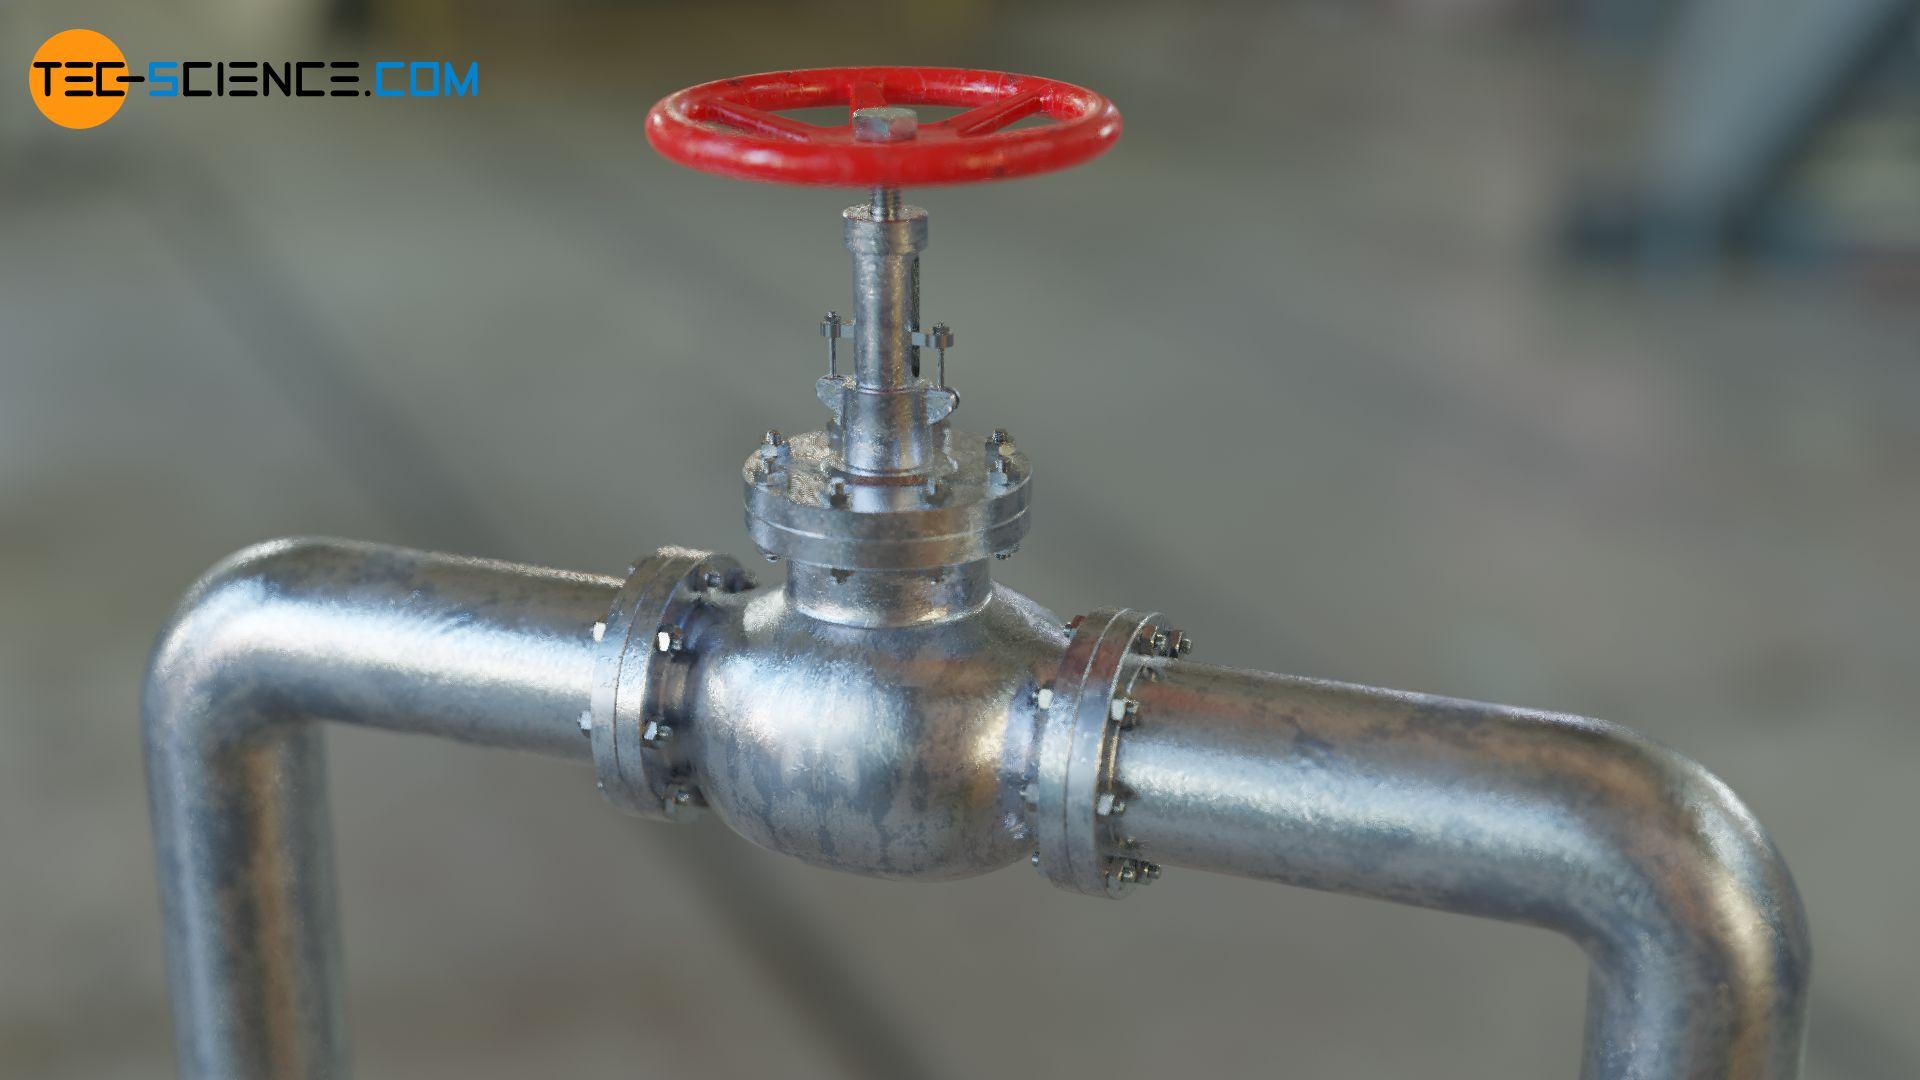 Ventil und Rohrkrümmer in einem Rohrleitungssystem